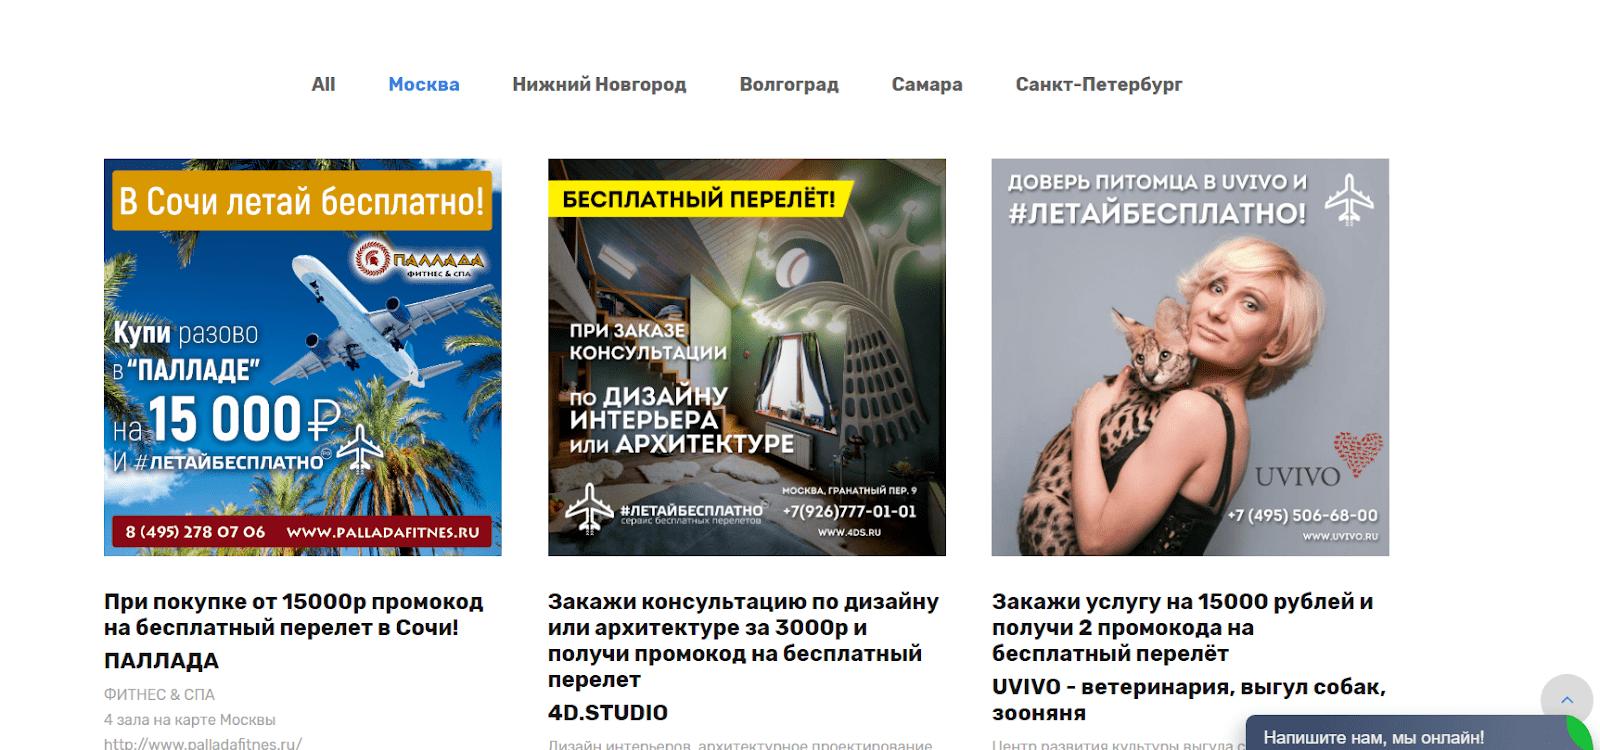 Примеры рекламных кампаний с использованием купонов #Летайбесплатно